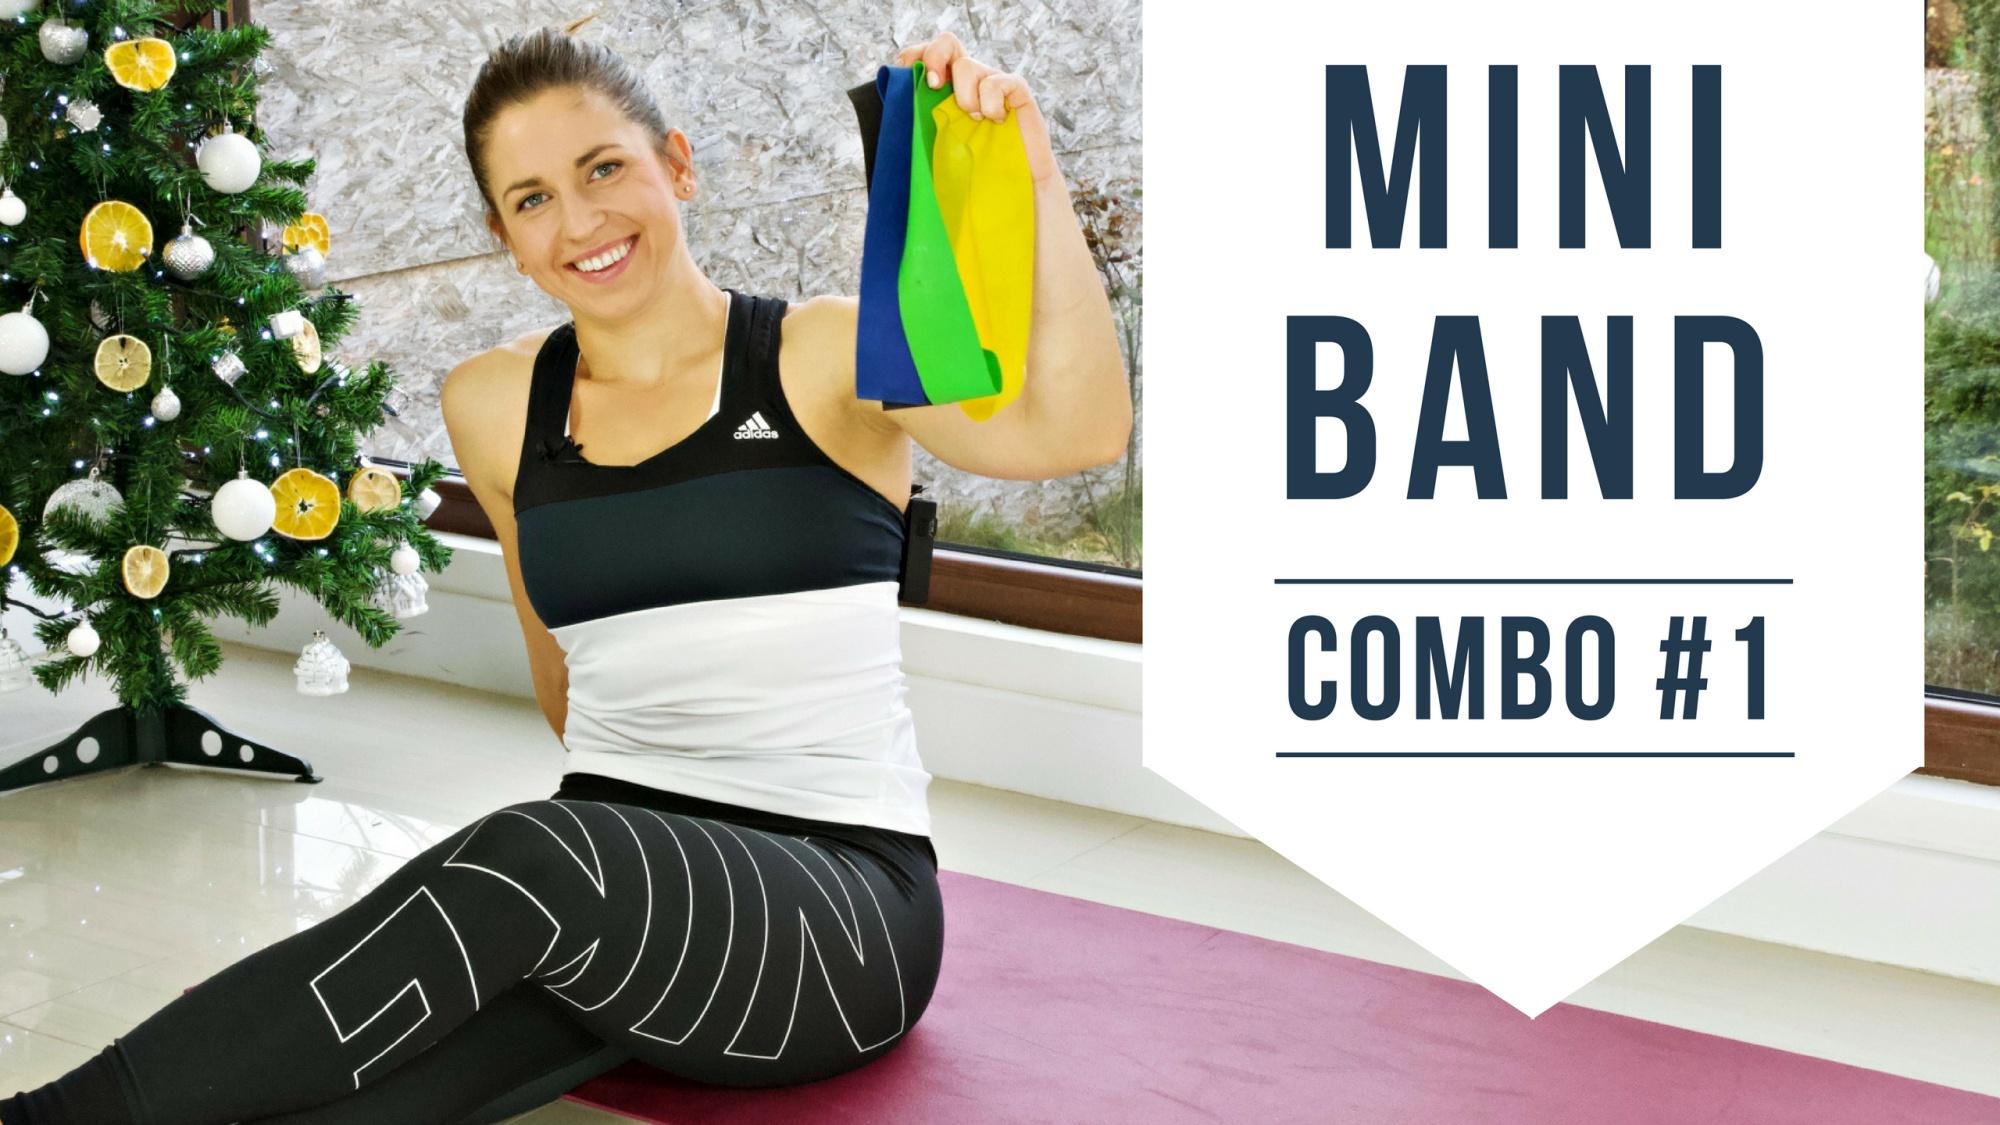 MINI BAND COMBO #1